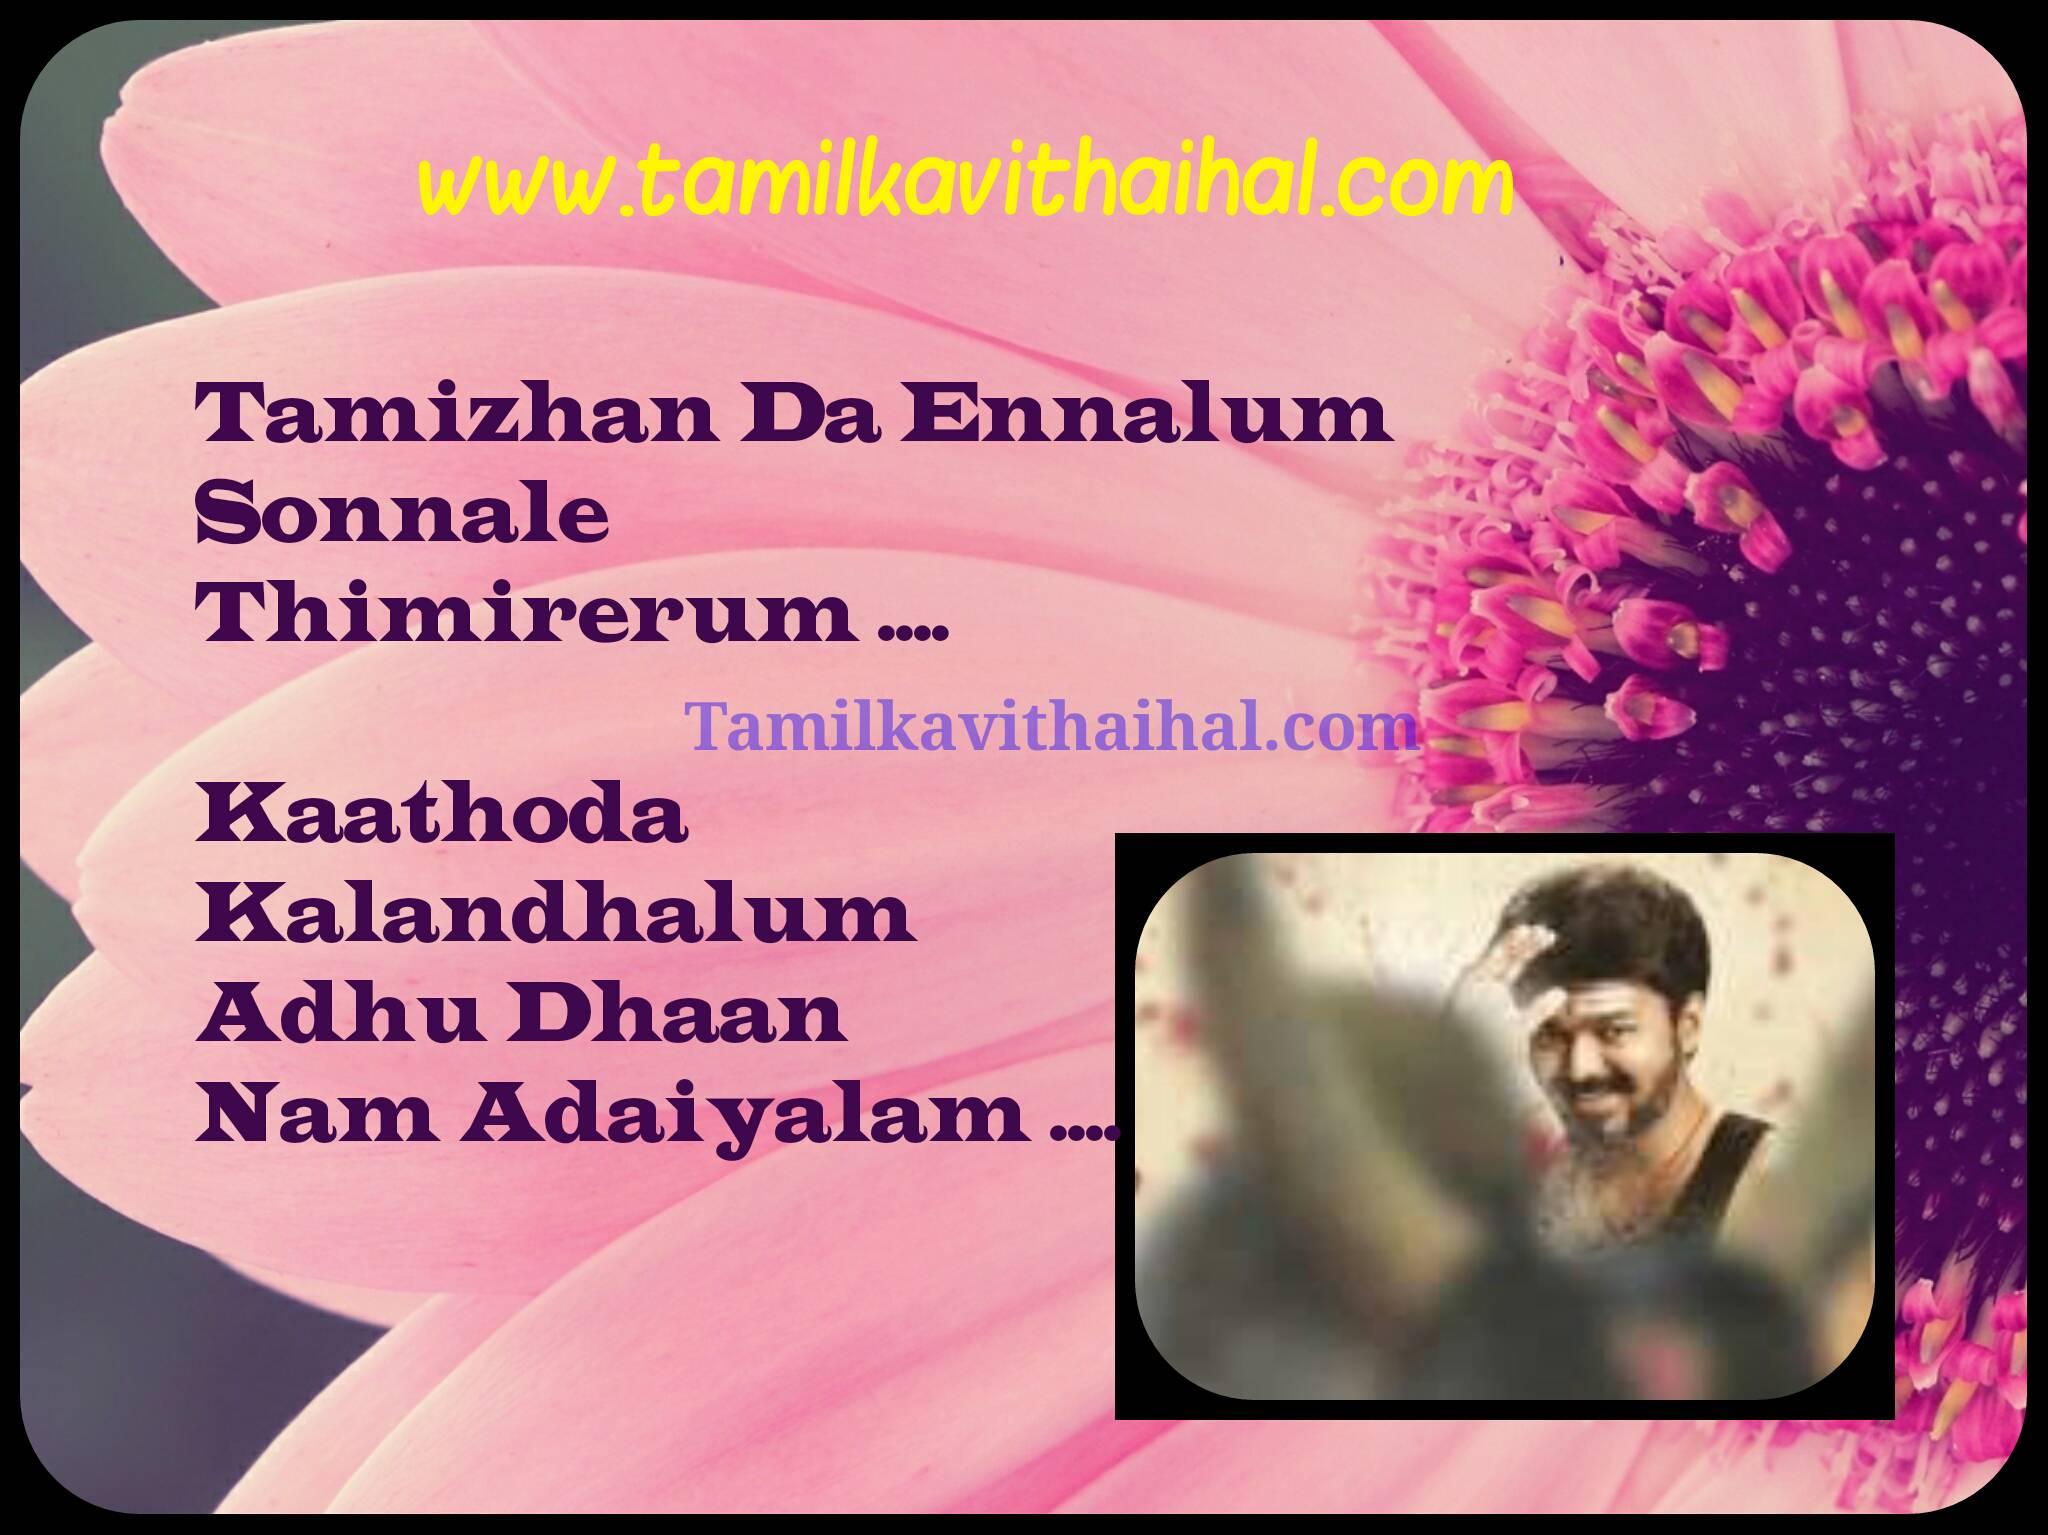 Aala poraan song image hd wallpaper download vijay samantha new movie wallpaper